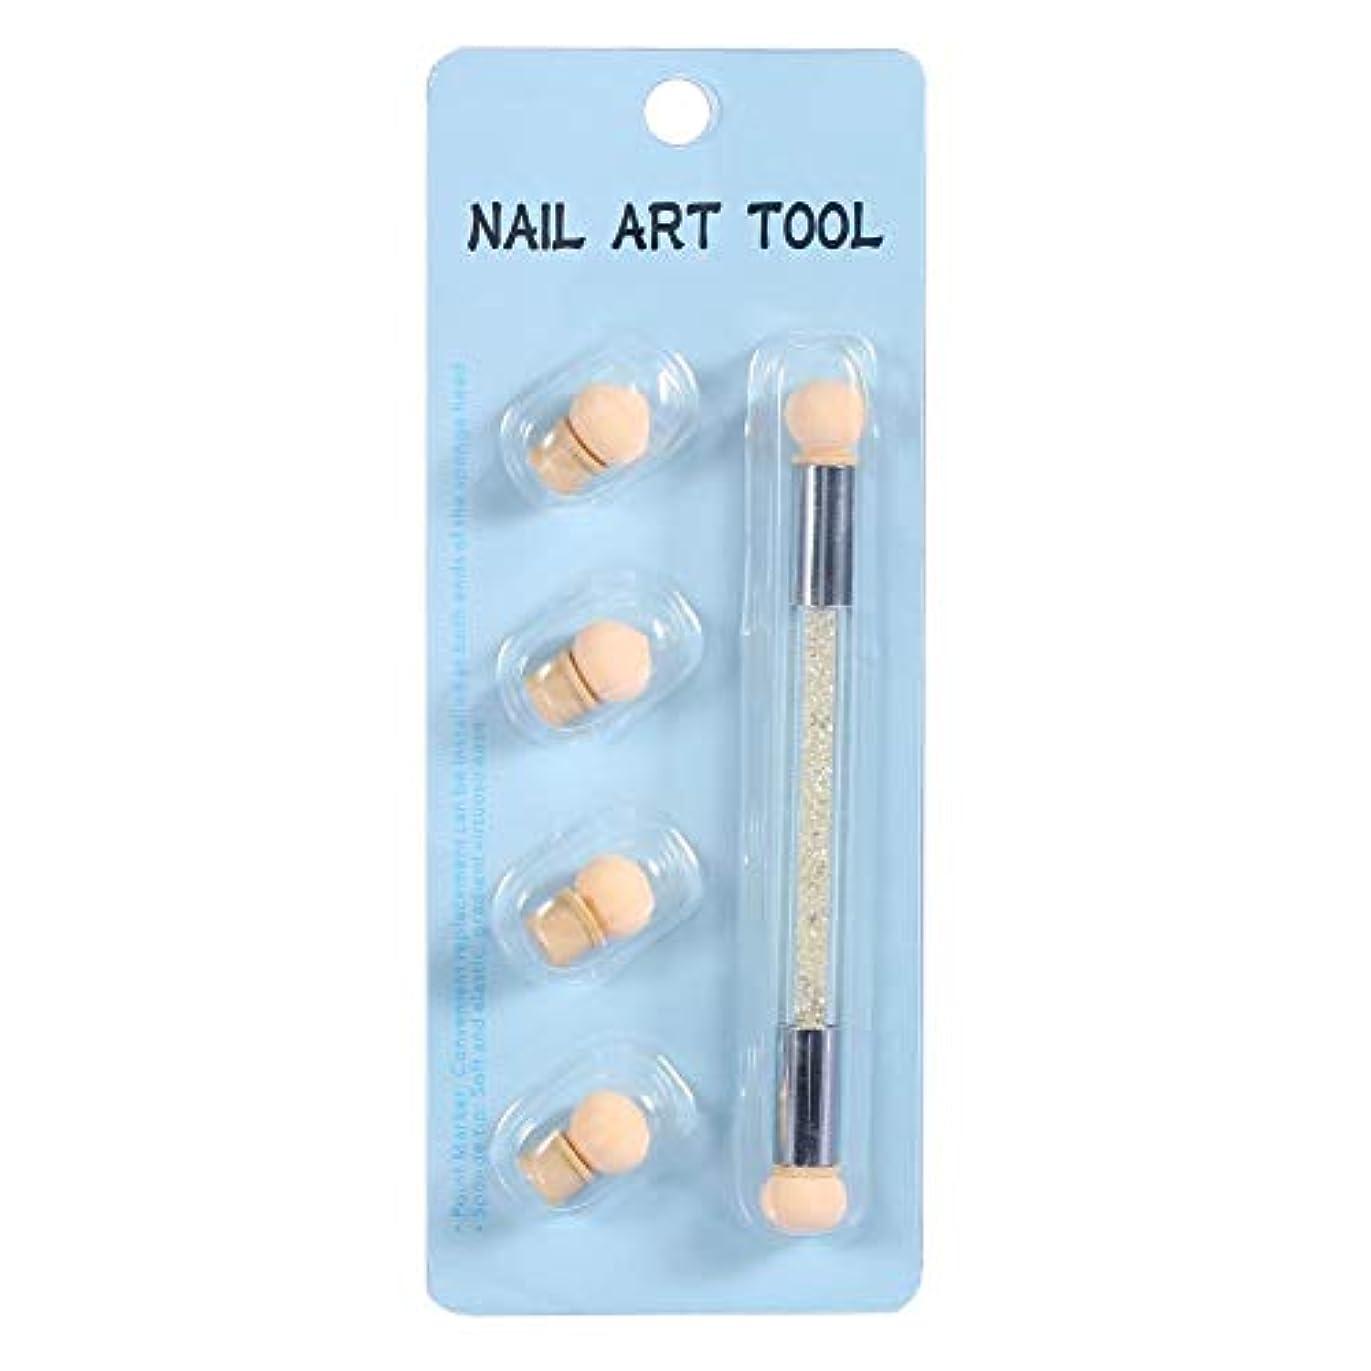 環境保護主義者ボウリング中央ネイルアート 4個 交換用 スポンジヘッド ネイルアートスポンジブラシ ネイル筆 ドットペン